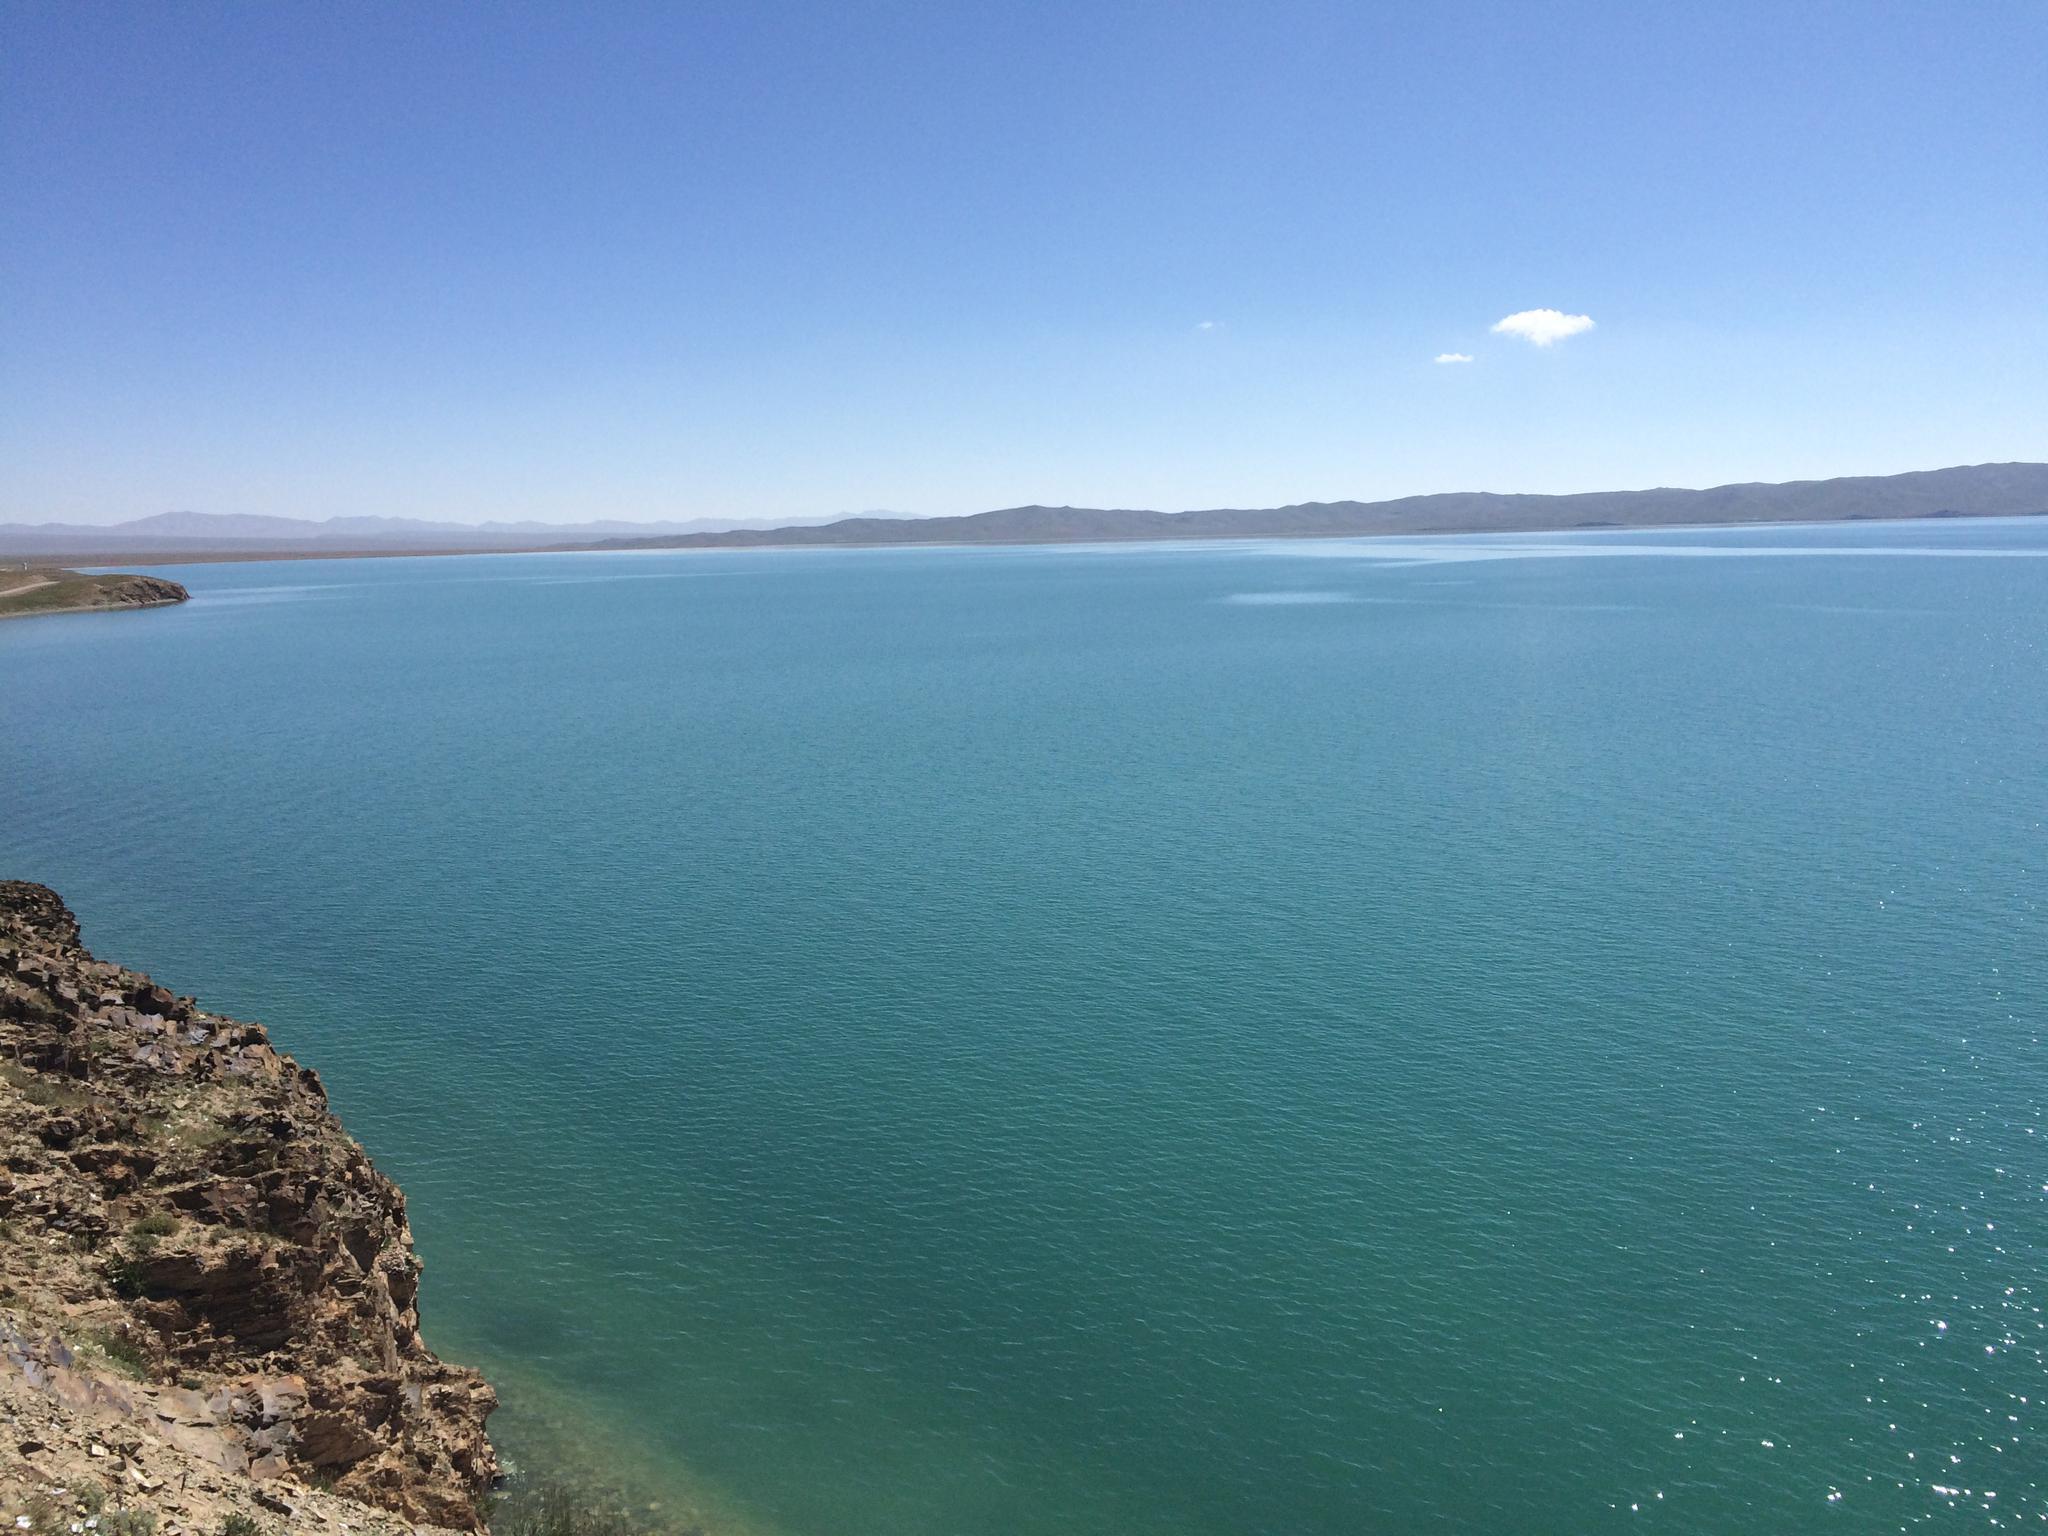 青海省 果洛藏族自治州 扎陵湖